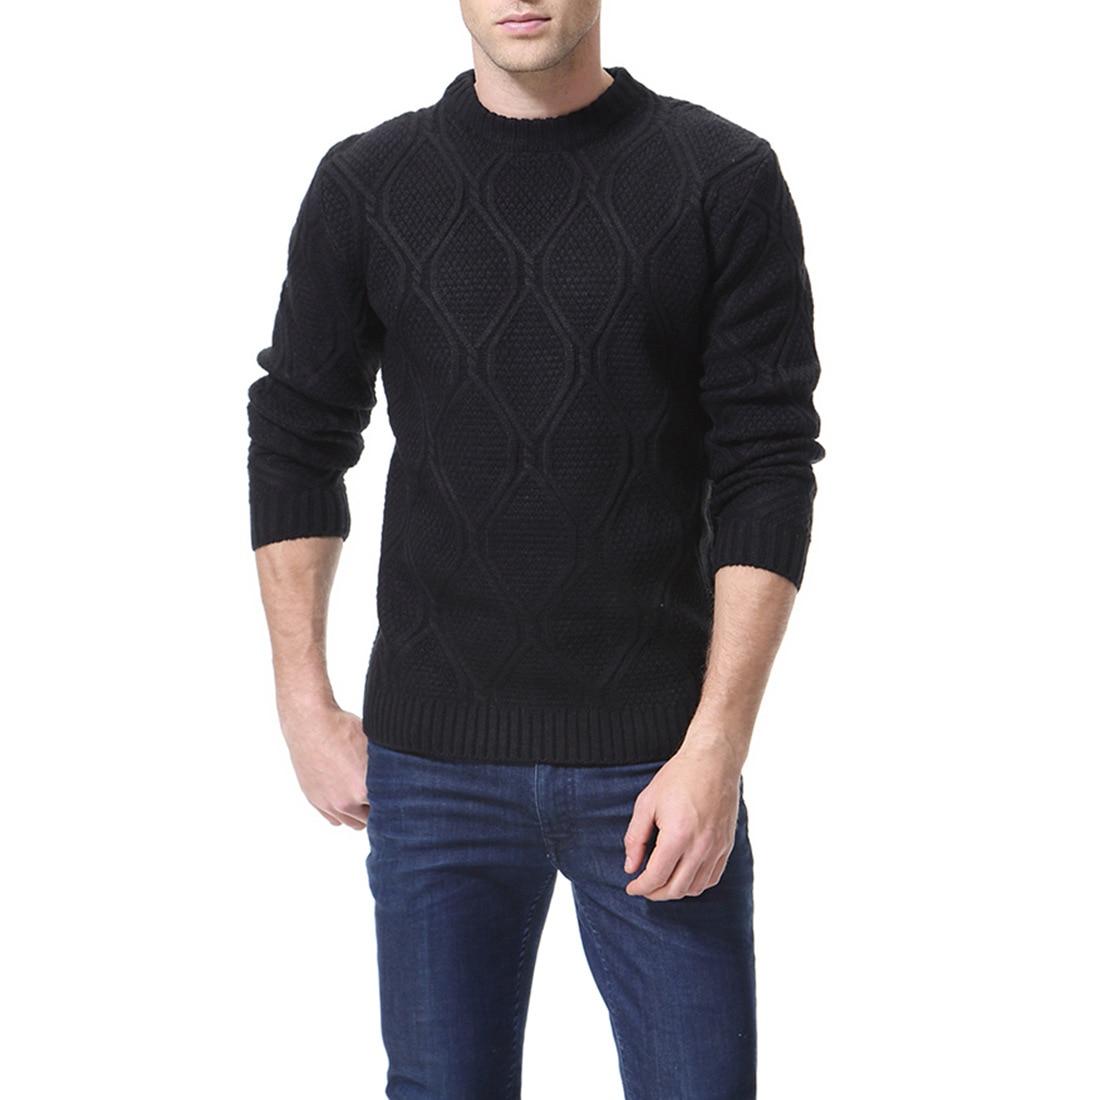 סרוג גאות הנחה סוודר 16